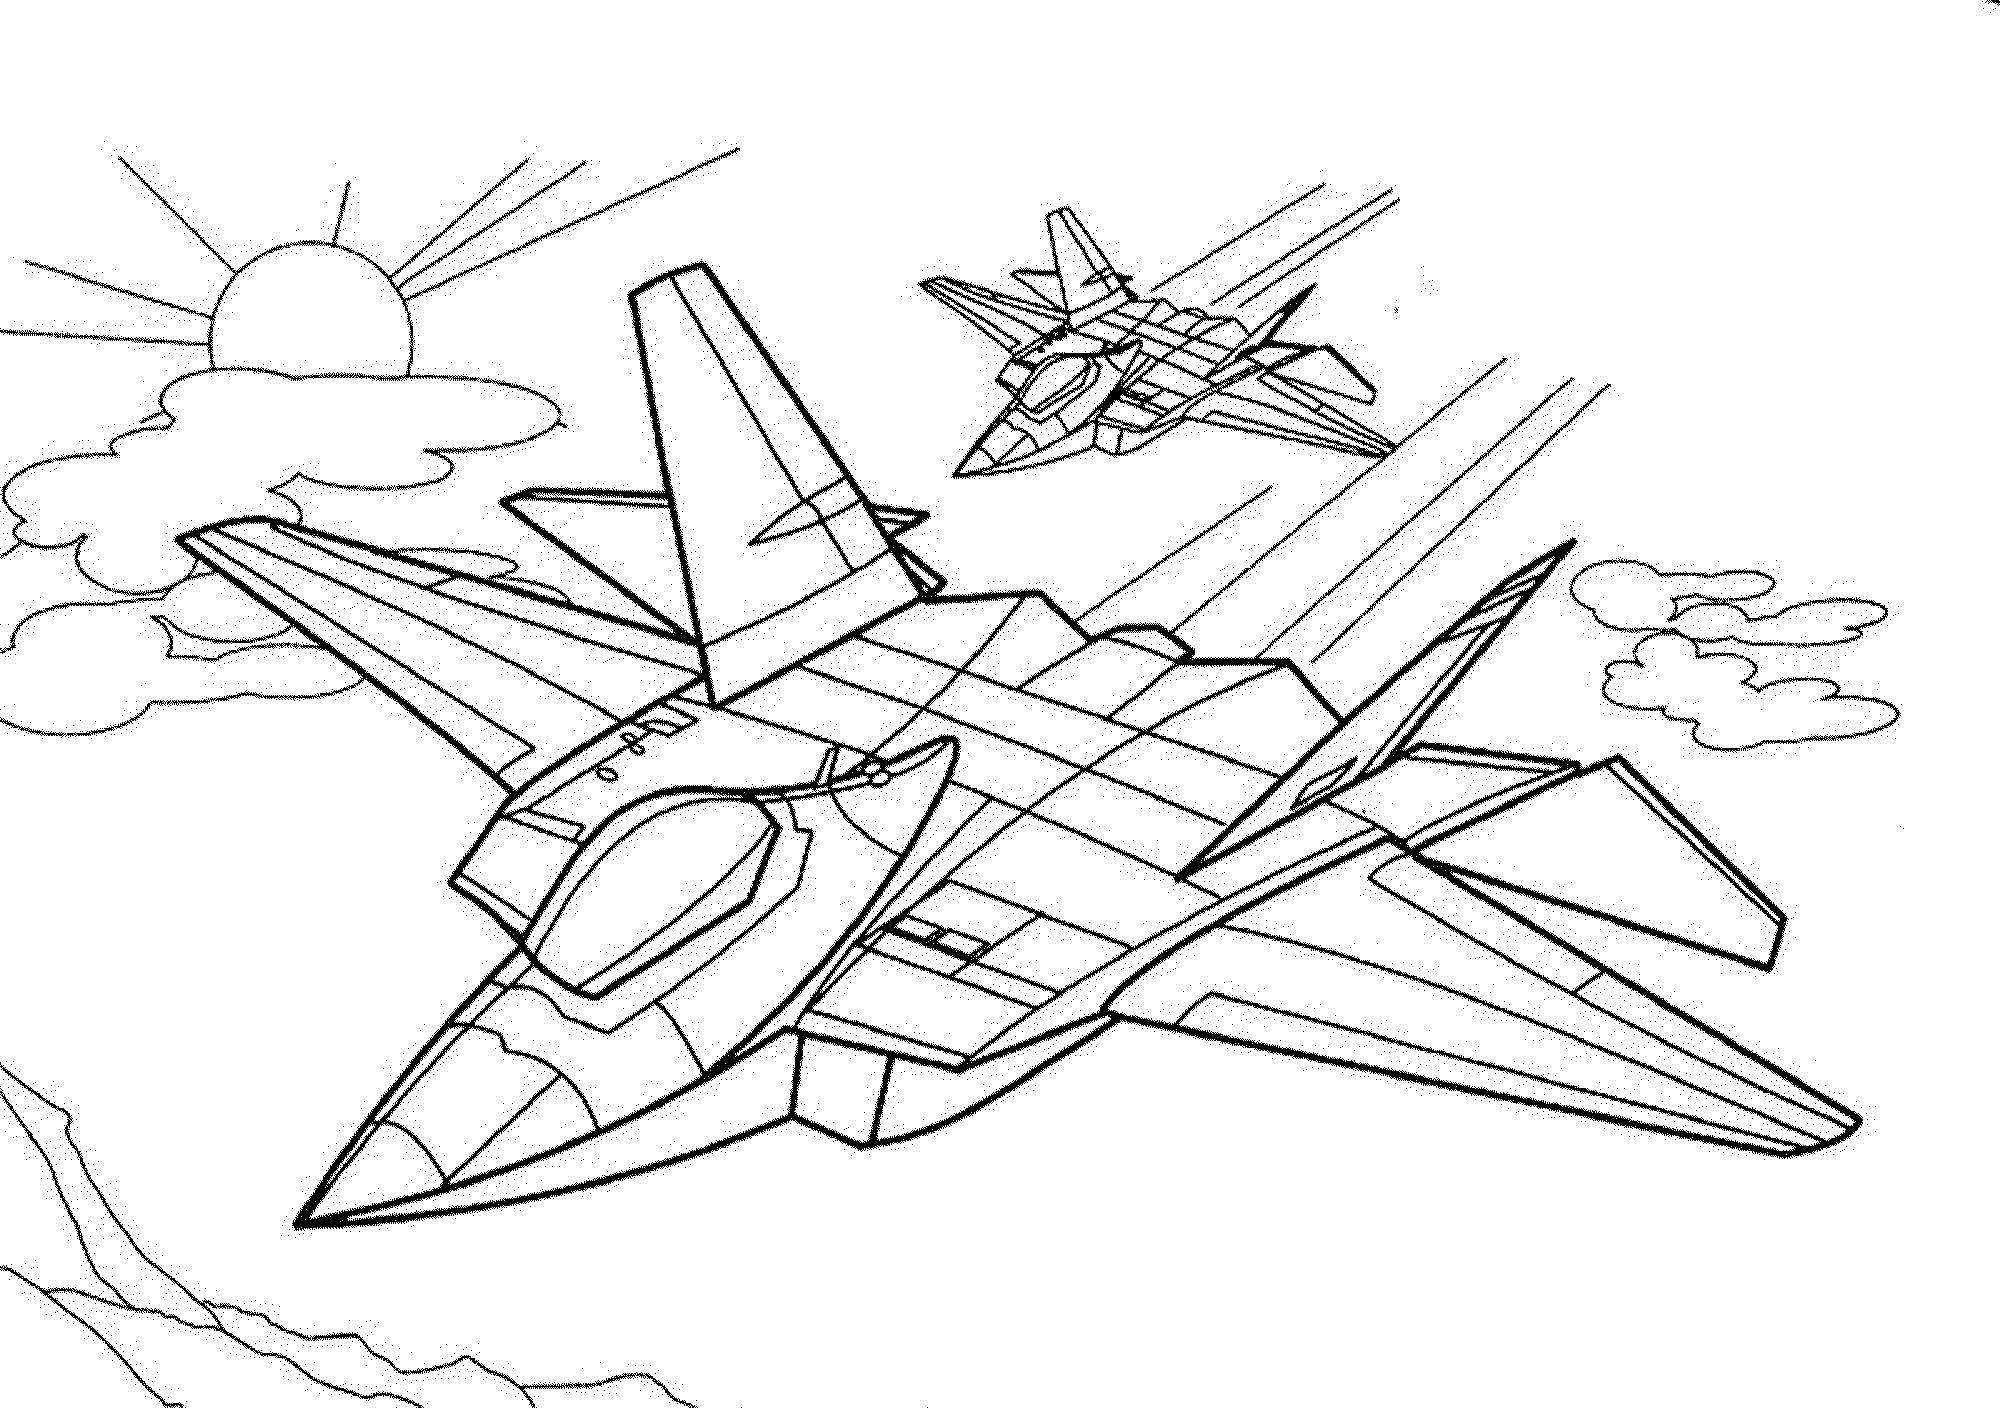 Раскраска Космические корабли Скачать космические корабли, самолеты.  Распечатать ,космические корабли,